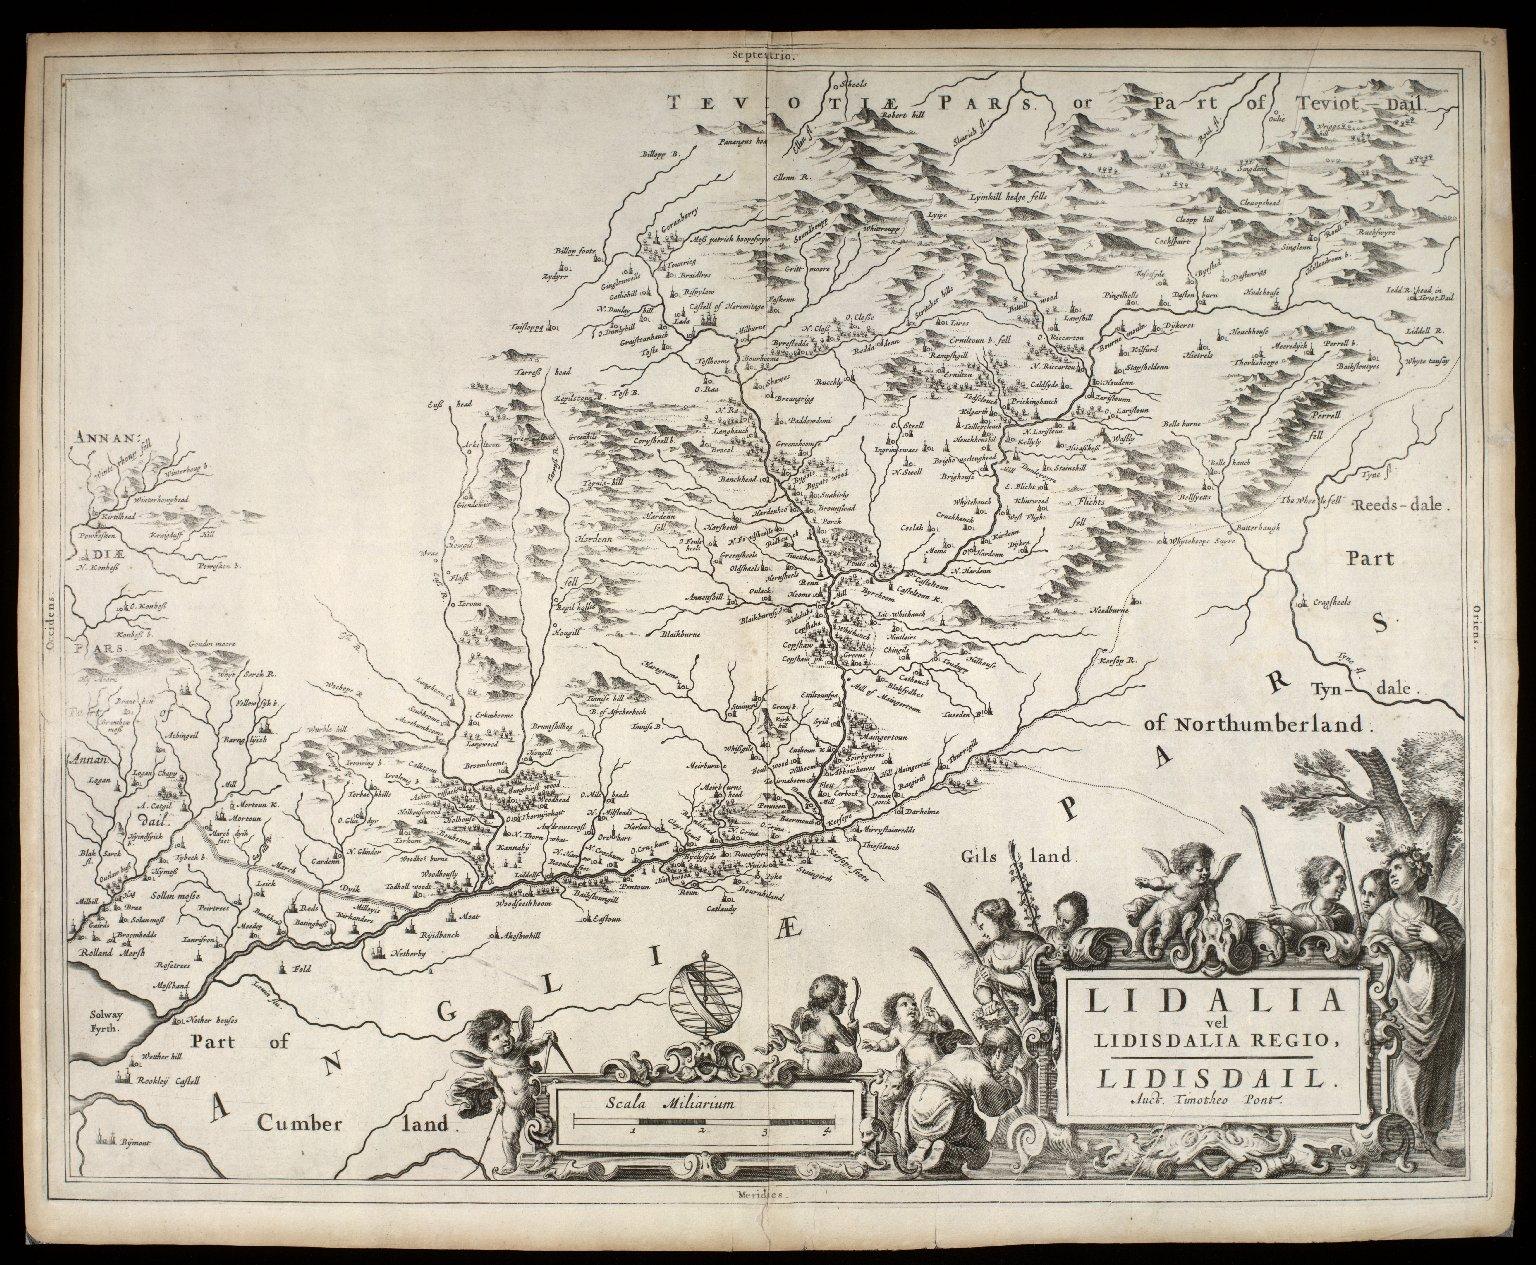 Lidalia vel Lidisdalia Regio, Lidisdail [1 of 1]